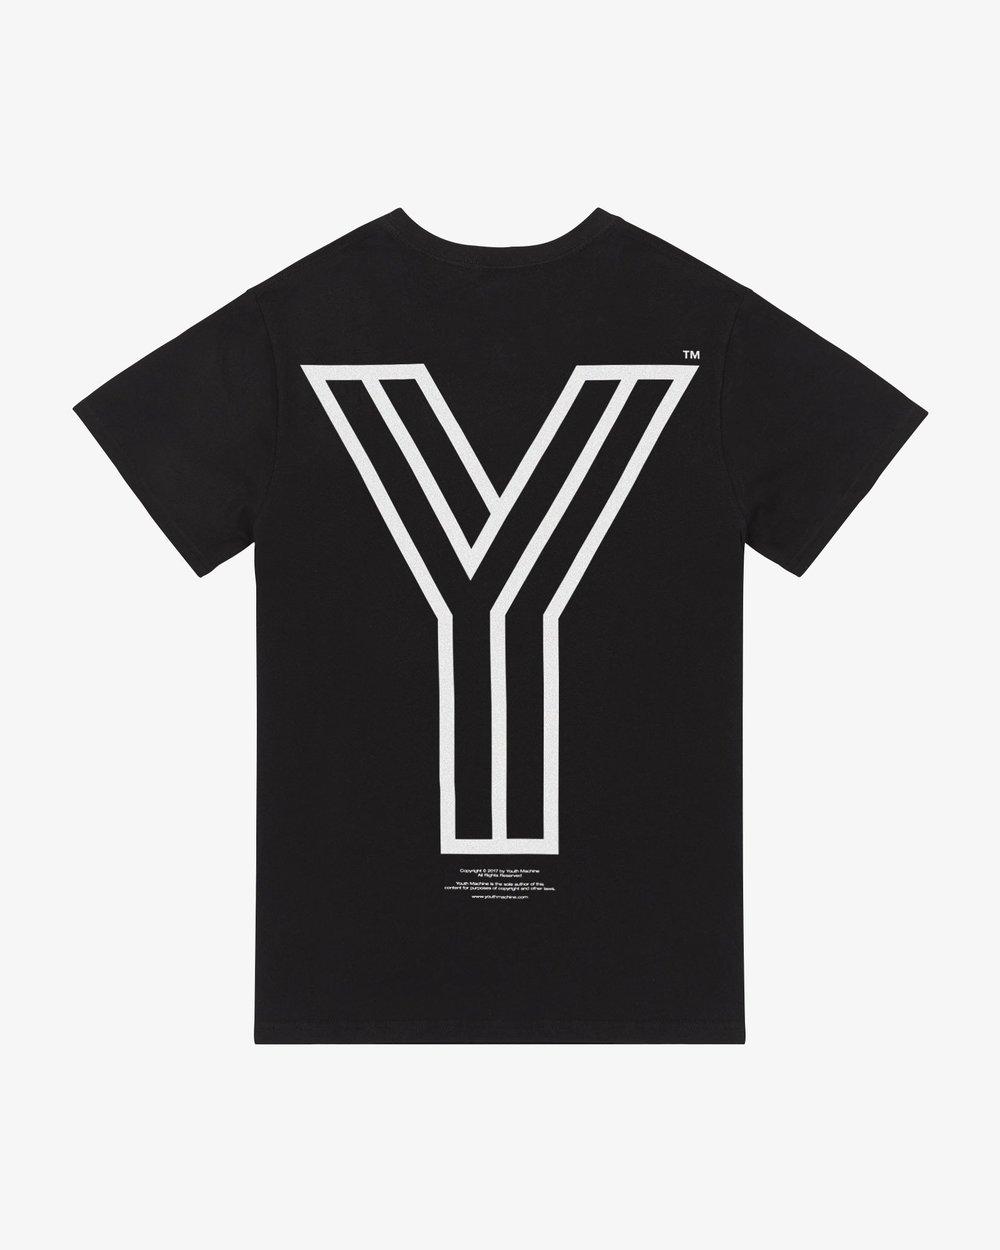 9. Spirits Tee - Brand: Youth MachinePrice: $28.00